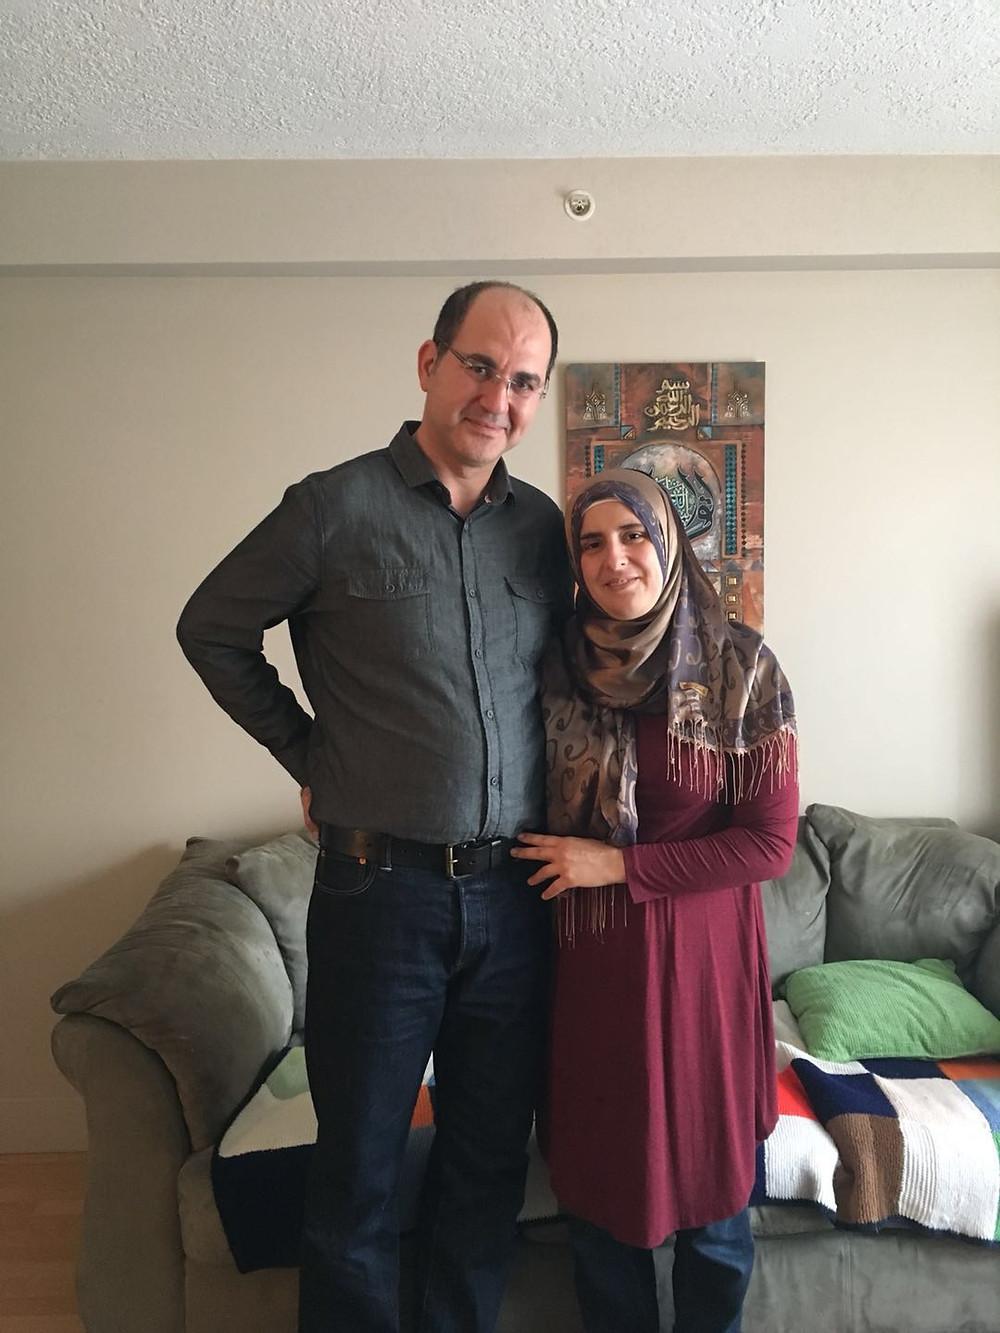 家住维多利亚、来自叙利亚的Ibahim Hajibrahim和Rnim Khochkar夫妇